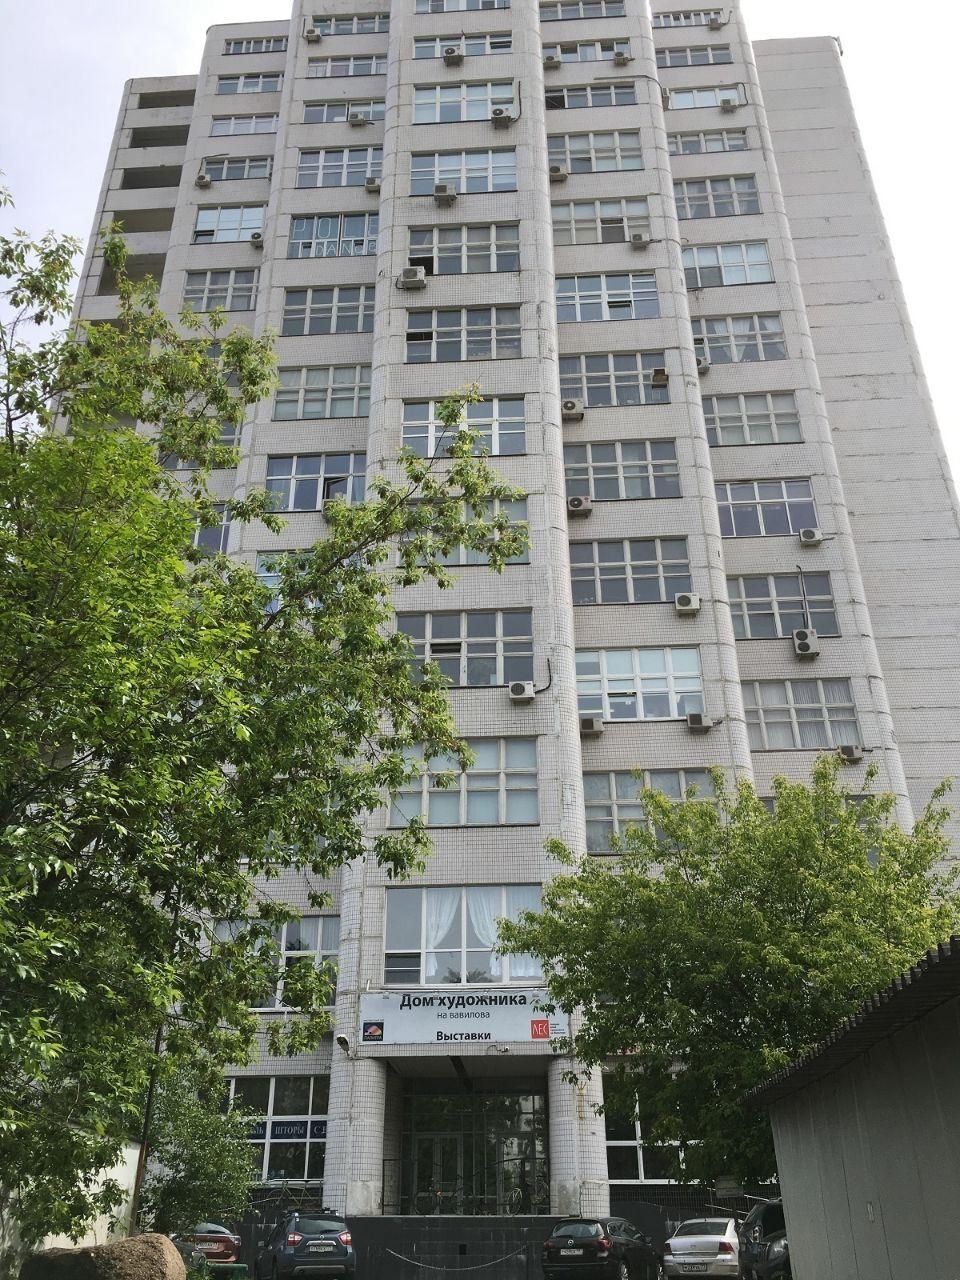 Снять помещение под офис Вавилова улица краснодар сдам в аренду коммерческую недвижимость